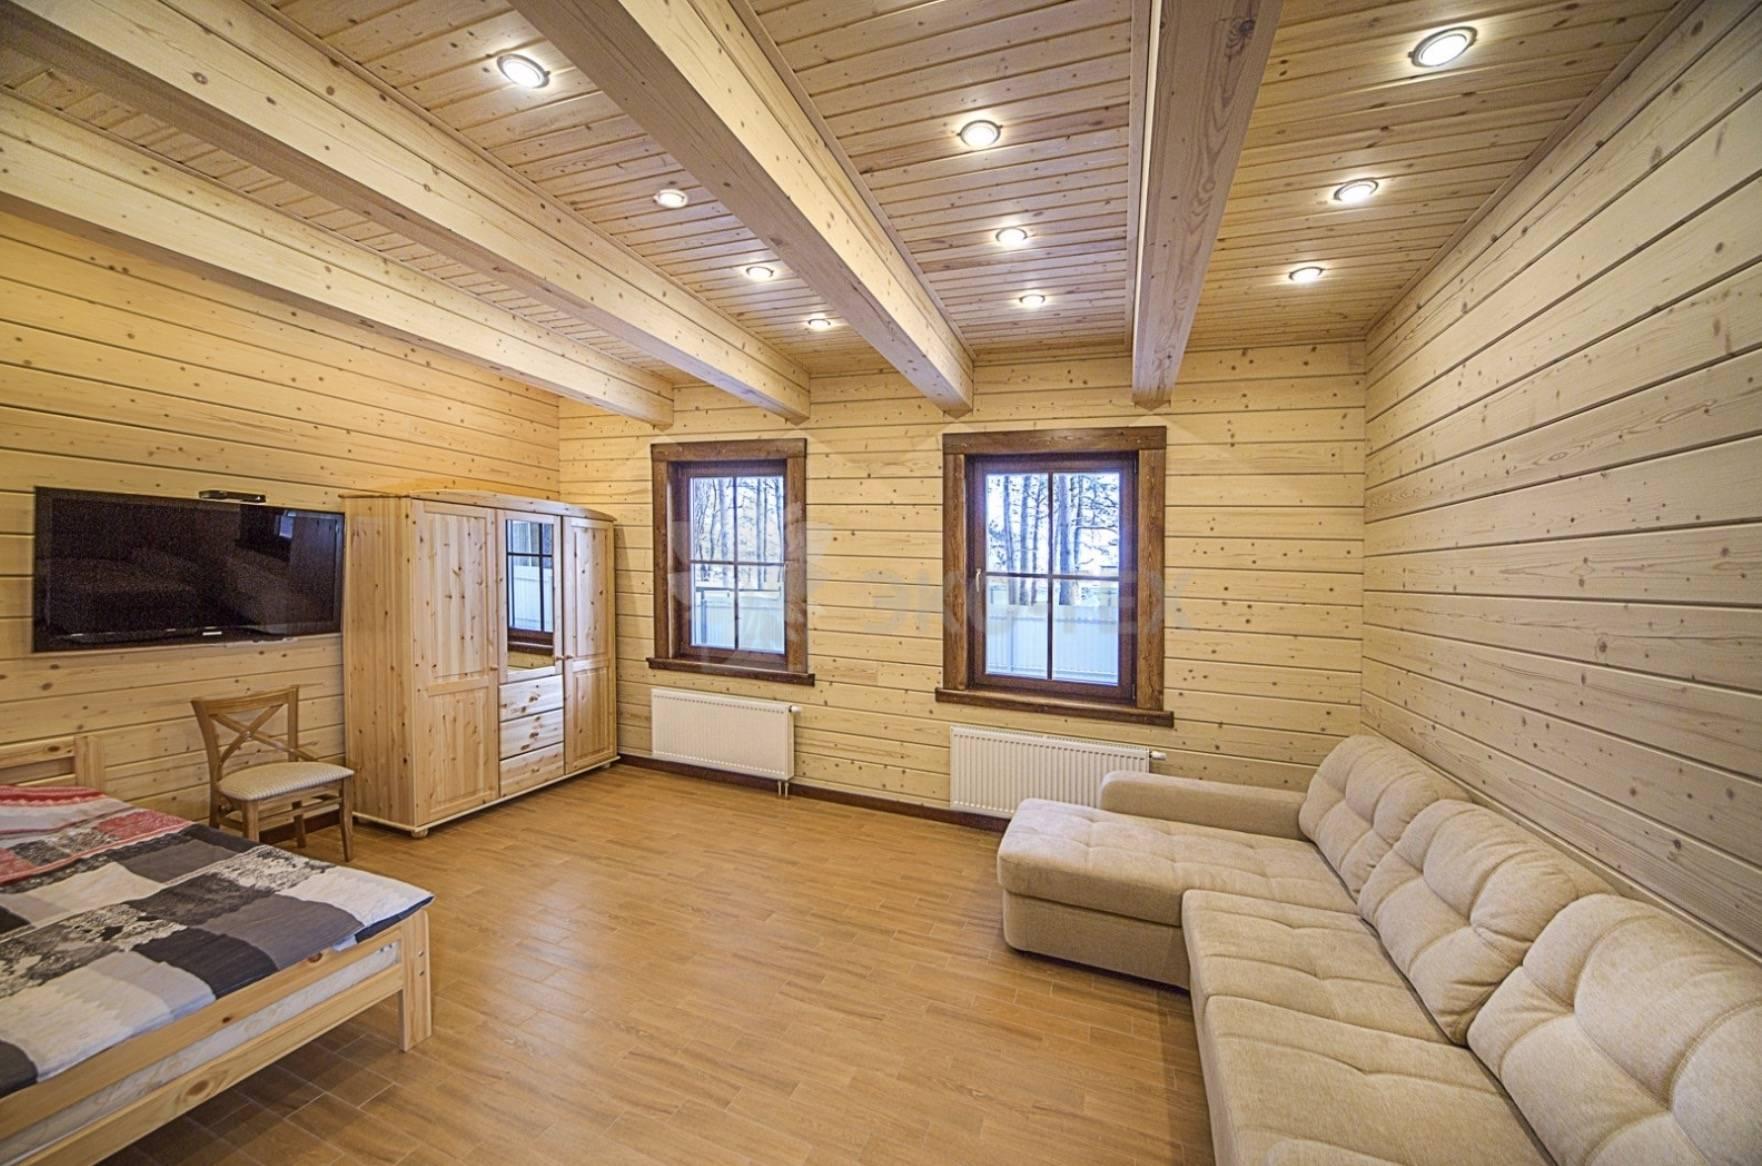 Отделка стен фанерой: облицовка помещения внутри деревянного дома и обшивка стен в квартире, виды модной внутренней отделки